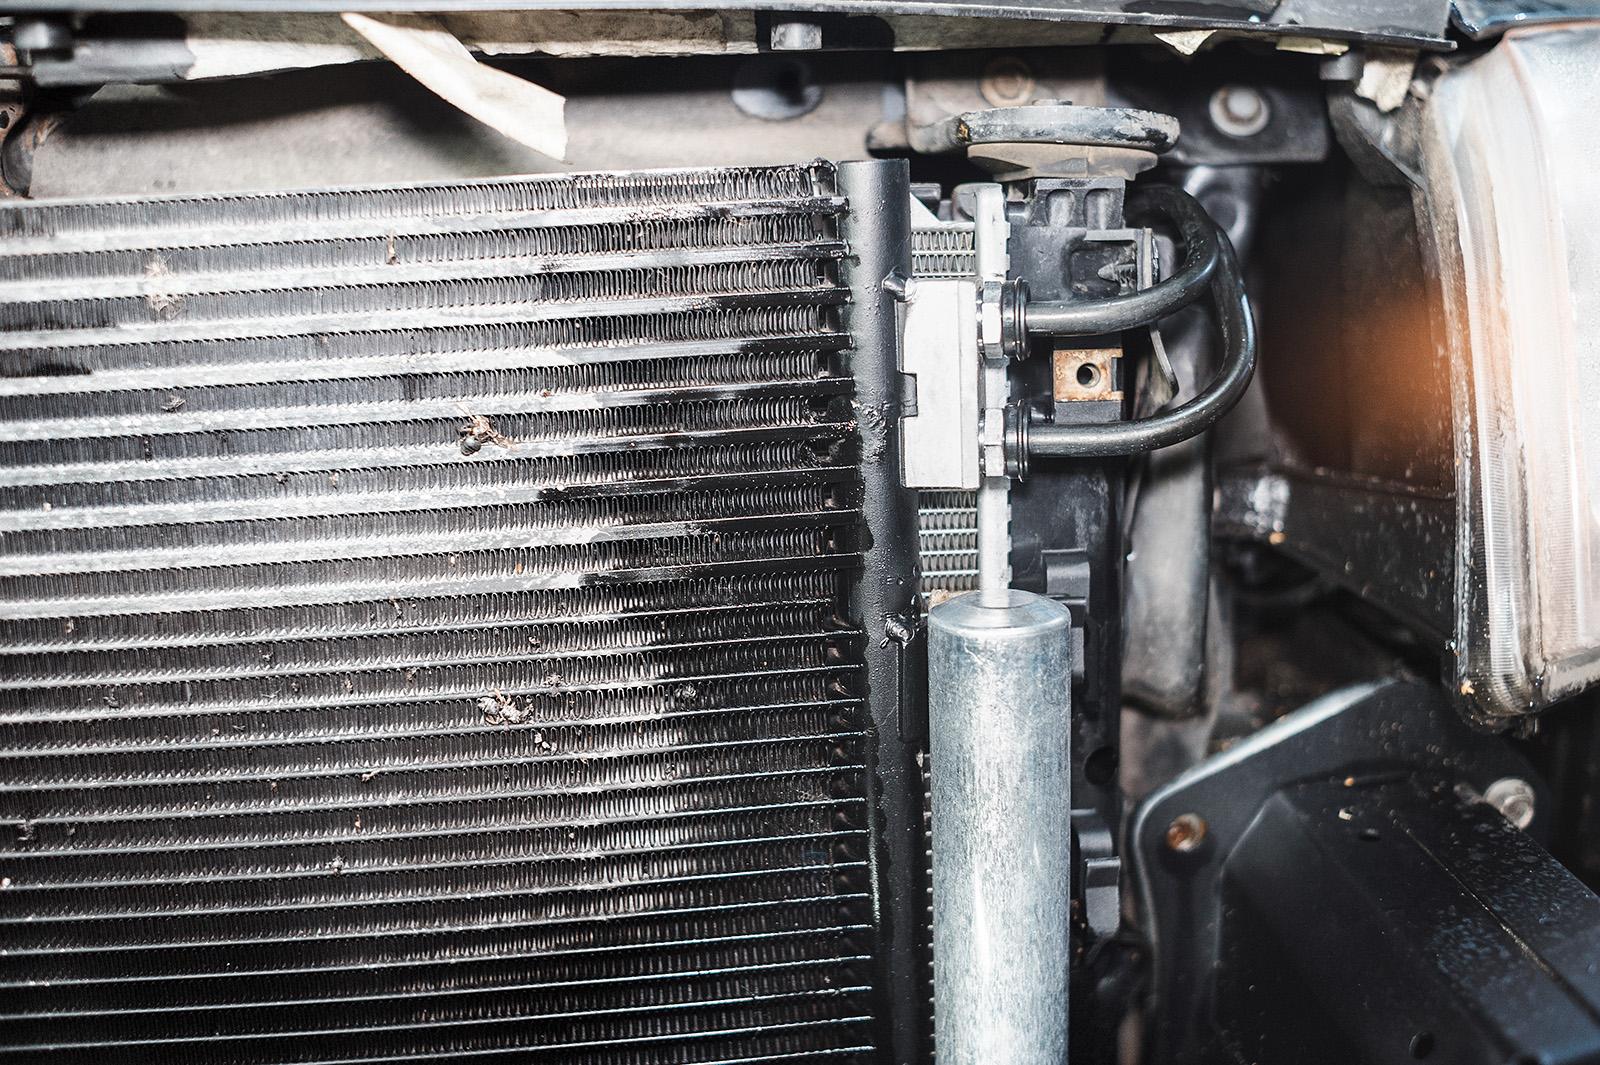 Облагороженный радиатор Джип Компас, осталось только отмыть